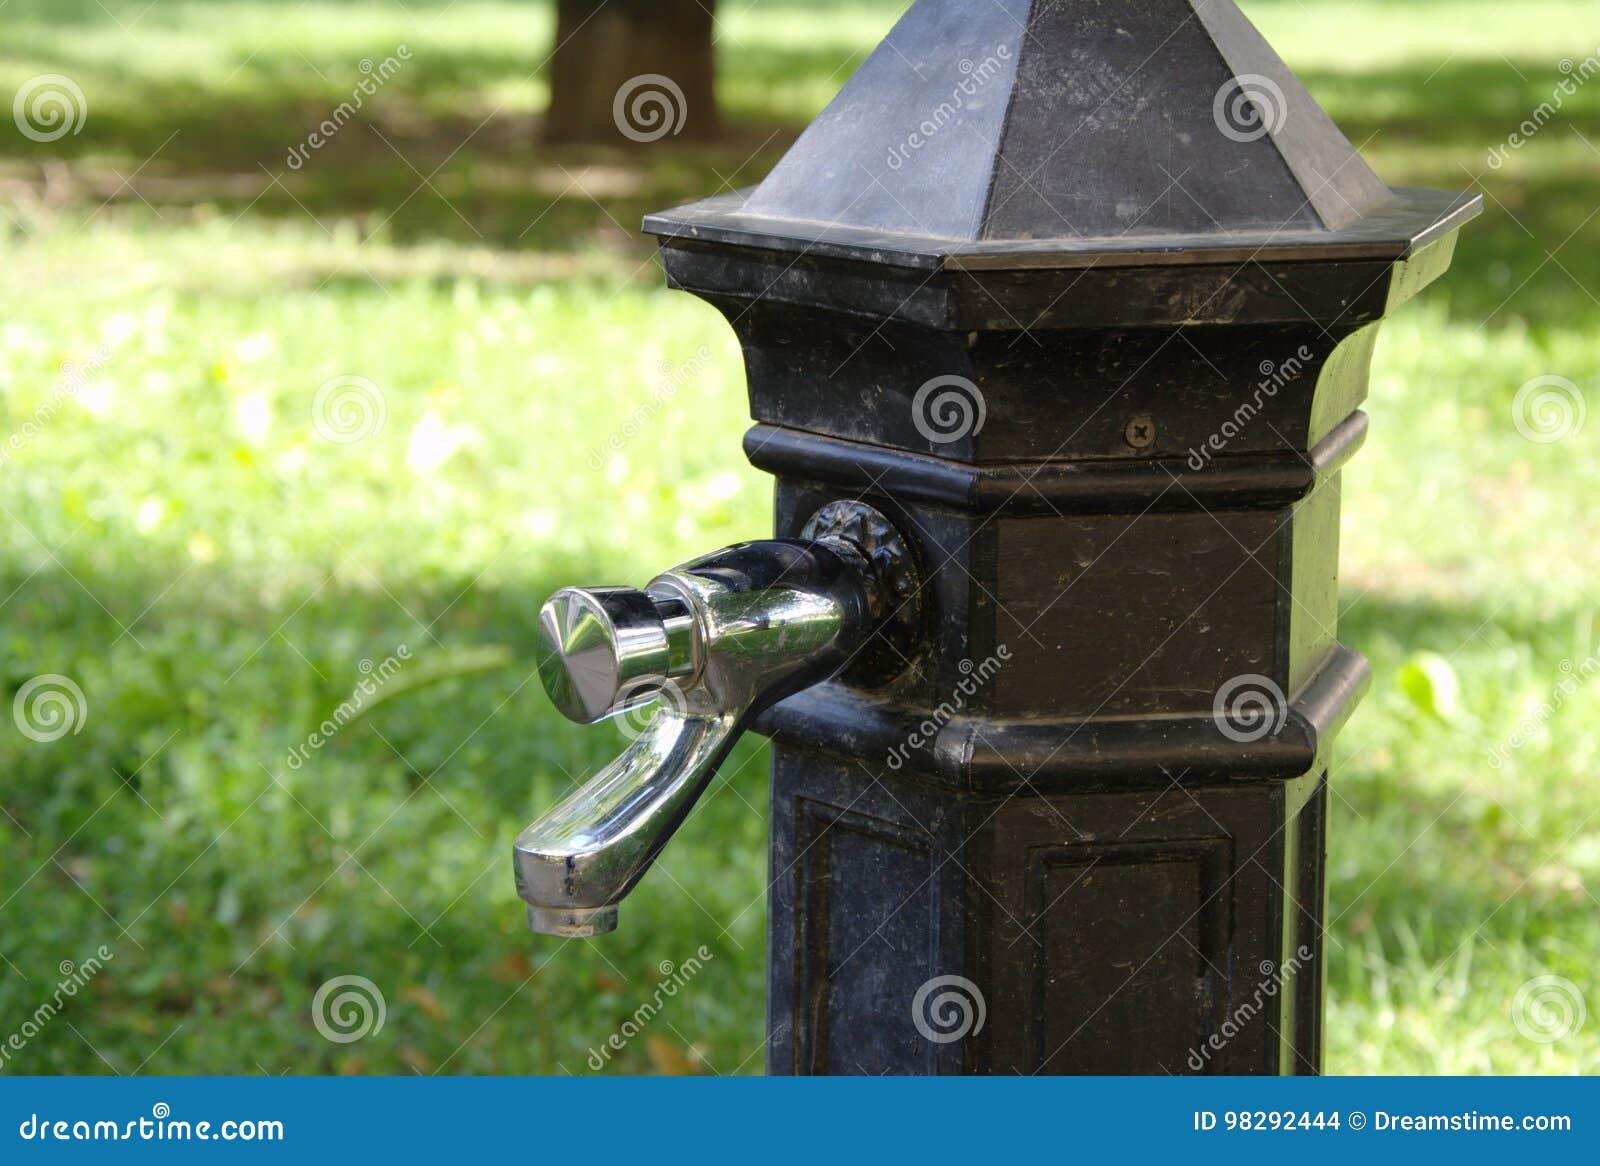 Παραδοσιακός κρουνός πόλεων με το πόσιμο νερό στο πάρκο